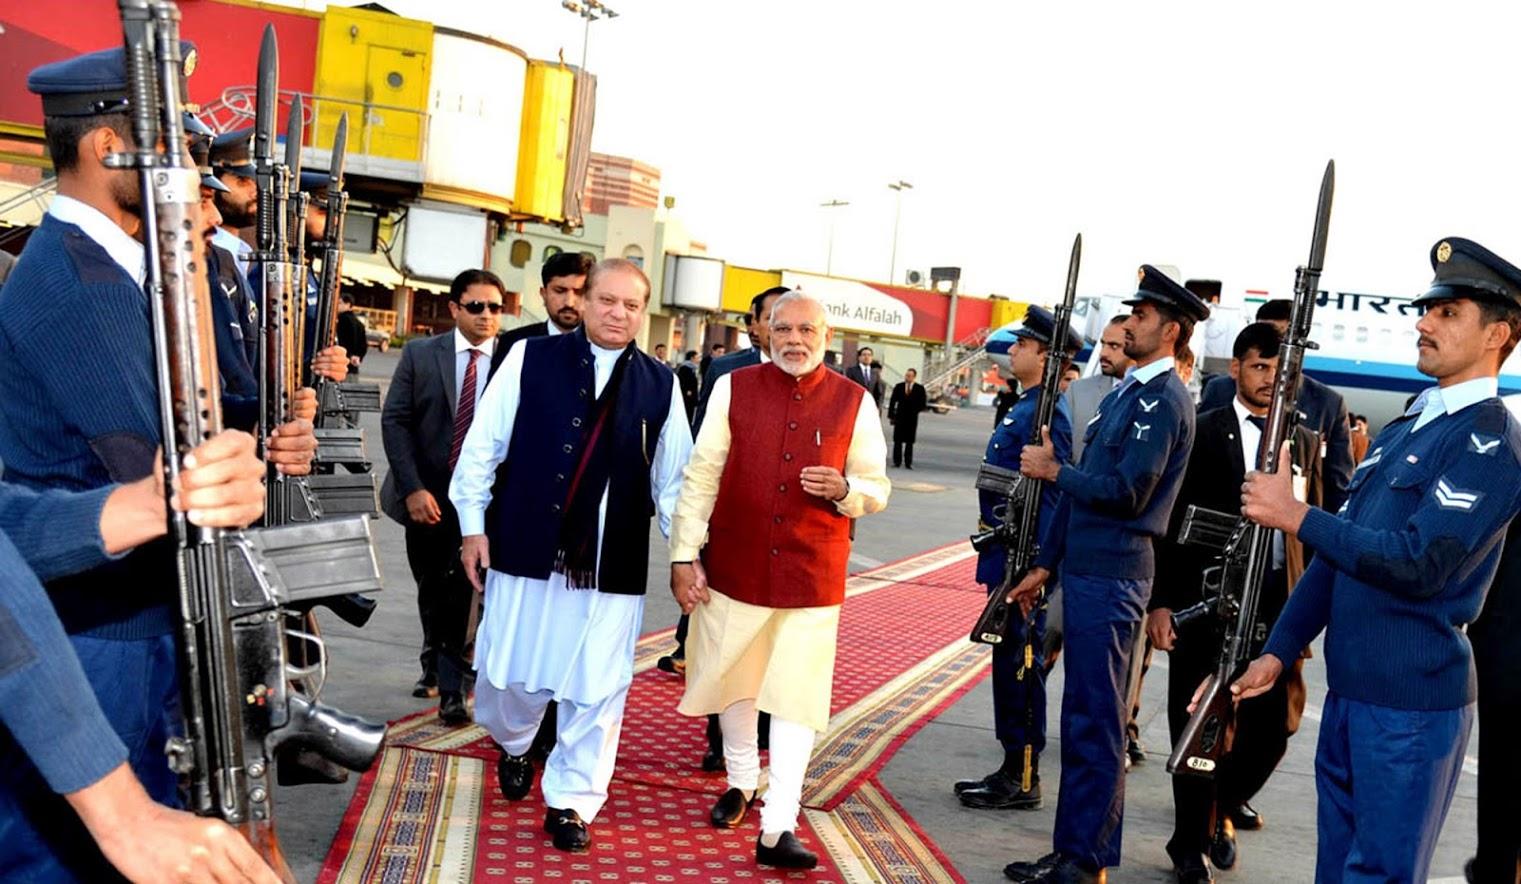 दोन वर्षांपूर्वी अफगाणिस्तानच्या दौऱ्यावर असलेले पंतप्रधान नरेंद्र मोदी अचानक पाकिस्तान भेटीवर गेले ही बातमी आली पण त्यावर कुणी विश्वासच ठेवायला तयार नव्हतं. पण मोदी जेव्हा लाहोरला उतरले तेव्हा सर्व जगालाच धक्का बसला. नवाज शरीफ यांच्या नातीच्या लग्नालाही मोदींनी हजेरी लावली होती.